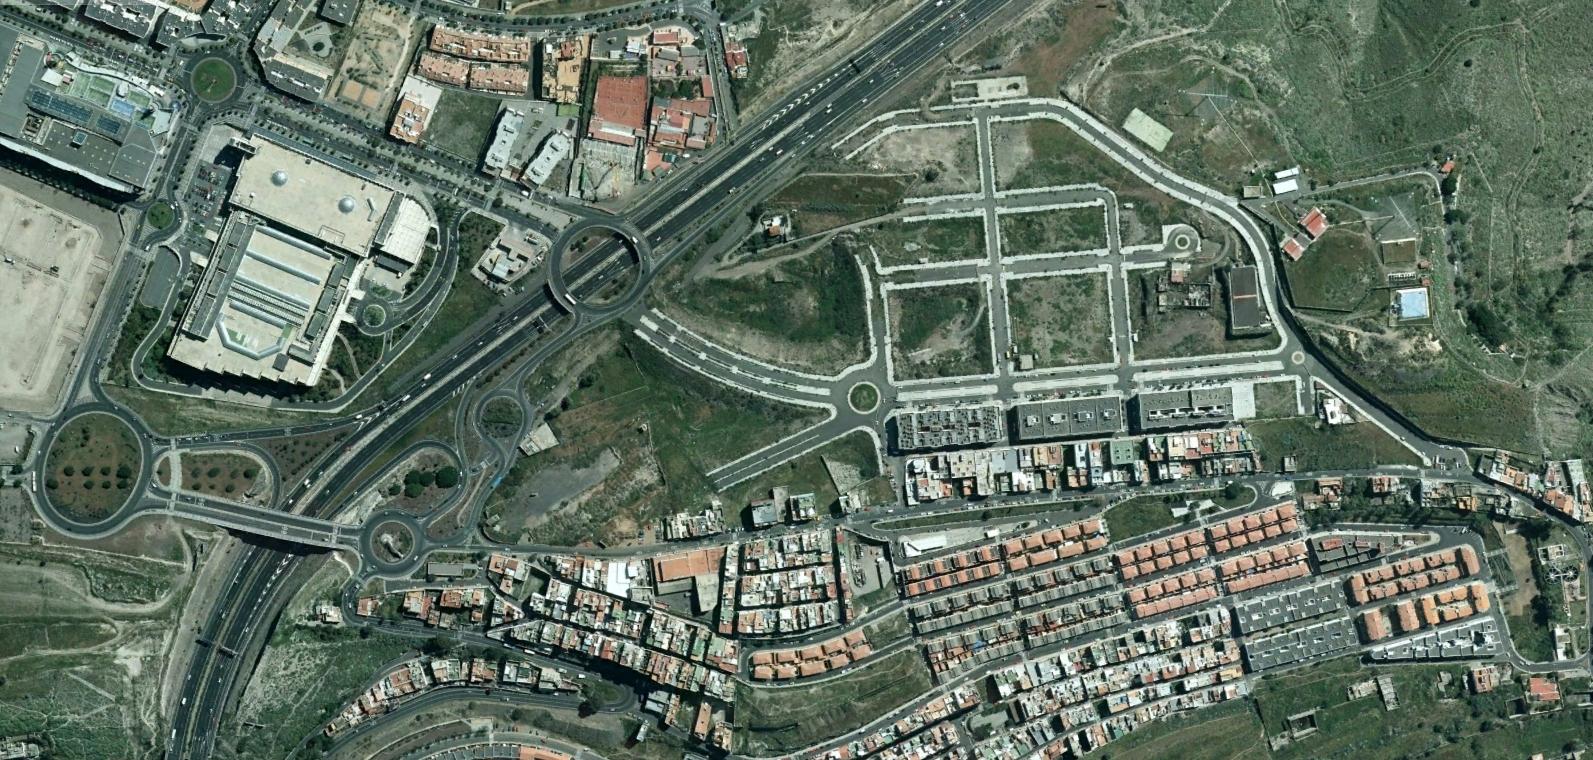 almatriche, las palmas, trichesoul, después, urbanismo, planeamiento, urbano, desastre, urbanístico, construcción, rotondas, carretera